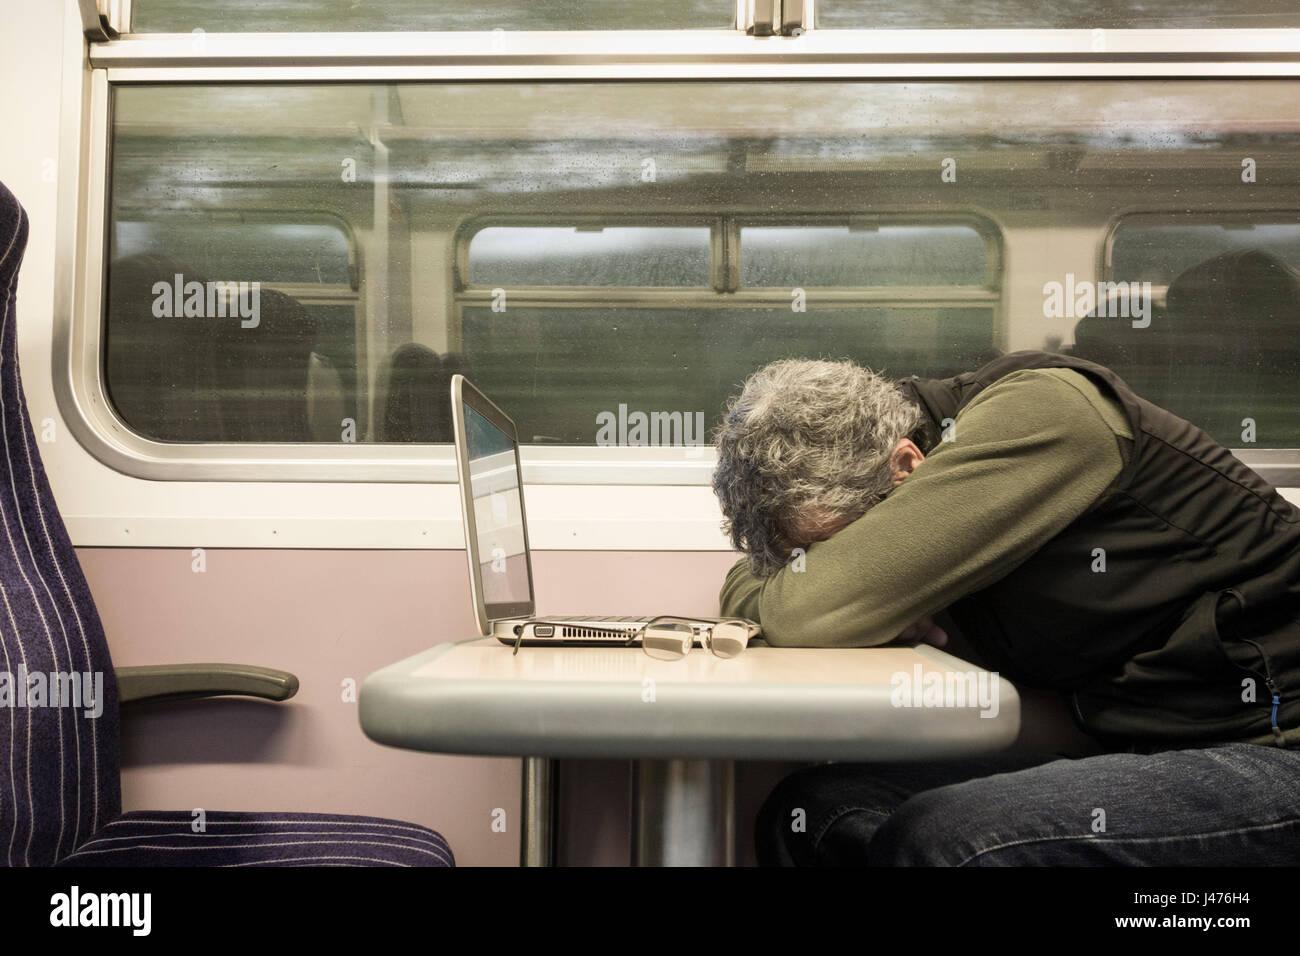 UK zu trainieren. Reifer Mann mit Laptop an Fensterplatz auf leeren Zug mit Regen am Fenster schlafen. England. Stockbild